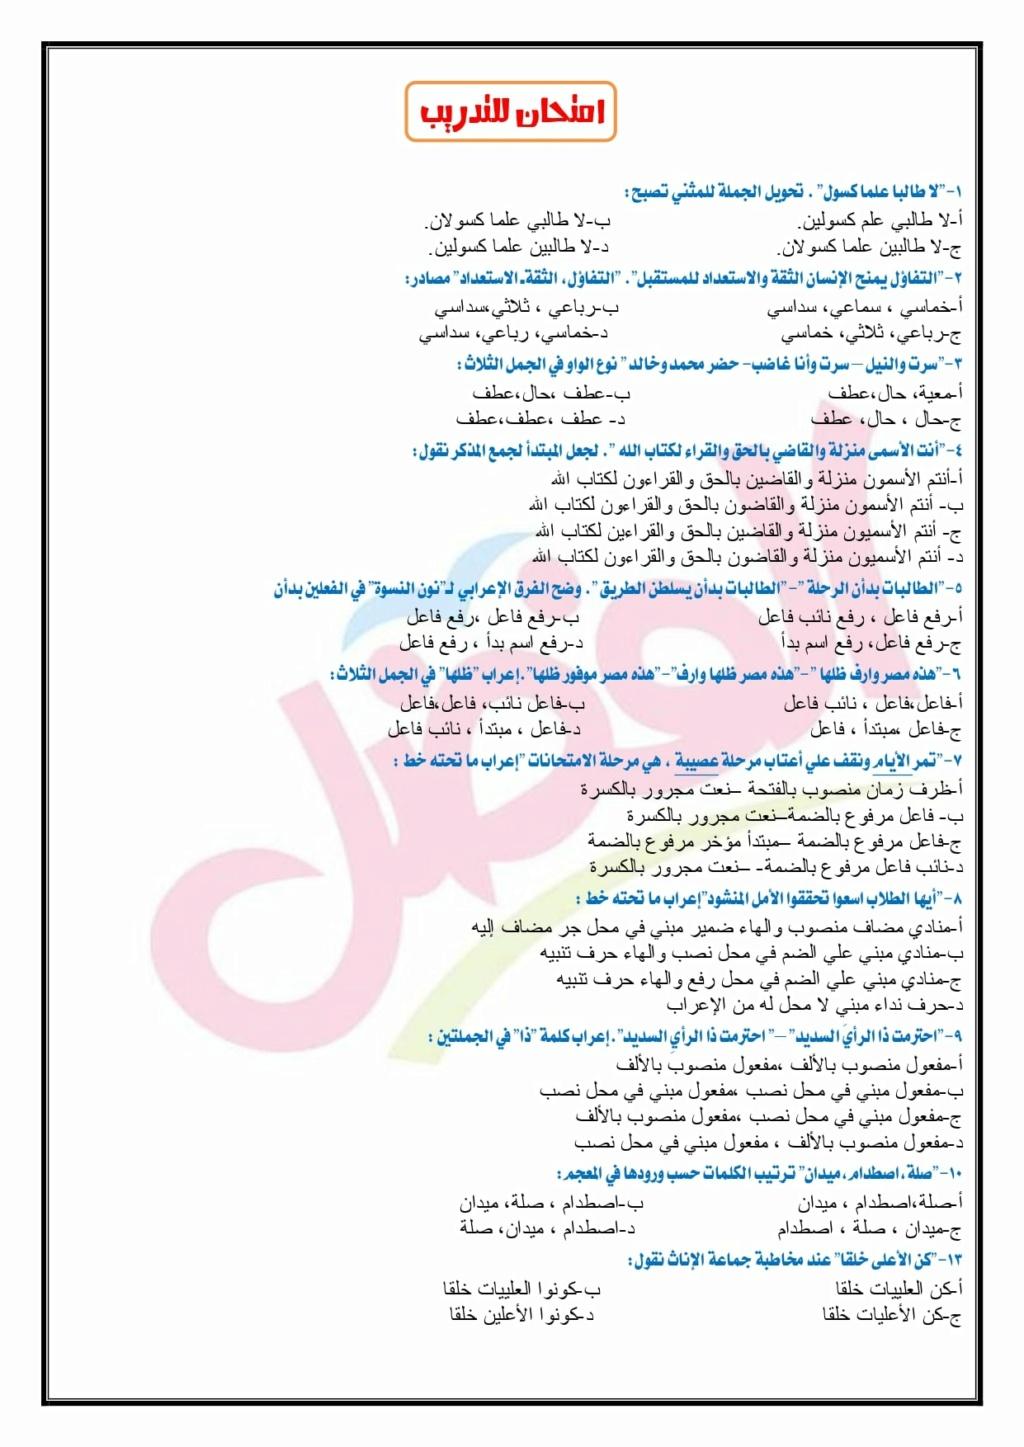 امتحان لغة عربية تدريبي للصف الثالث الثانوي 2021 أ/ محمد رفعت فضل 13035